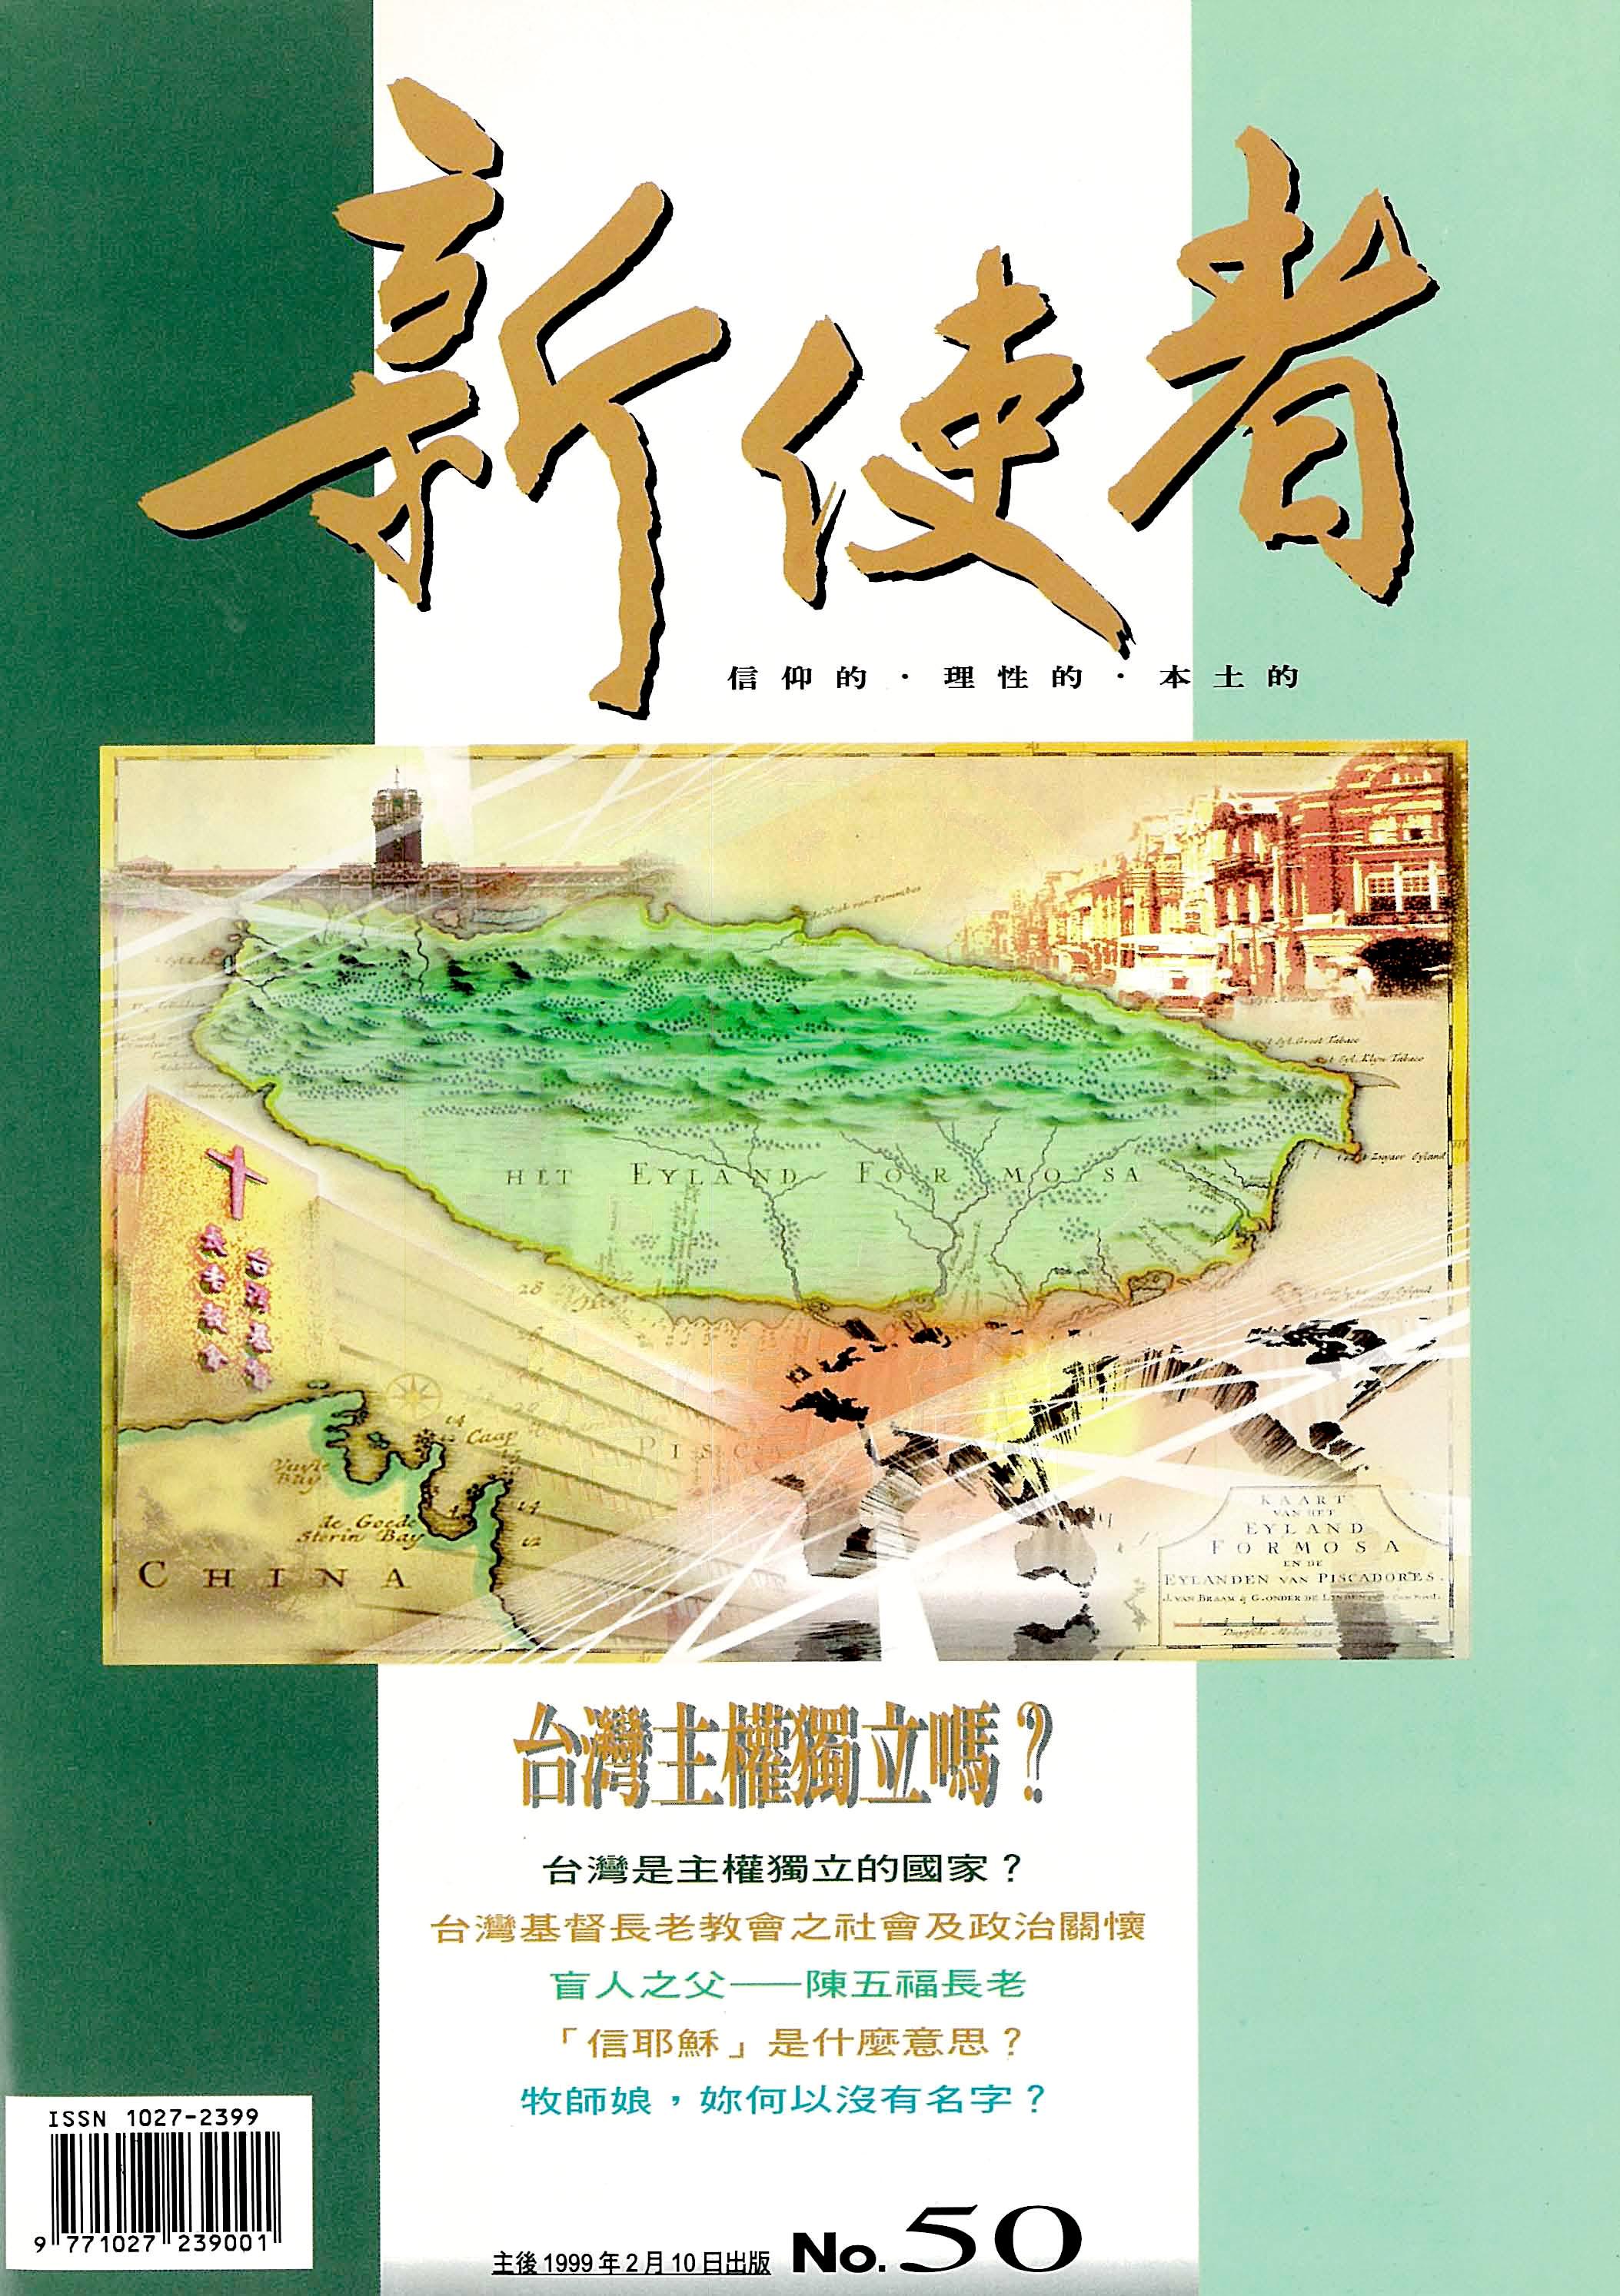 新使者雜誌 The New Messenger  50期  1999年  2月 台灣主權獨立嗎?